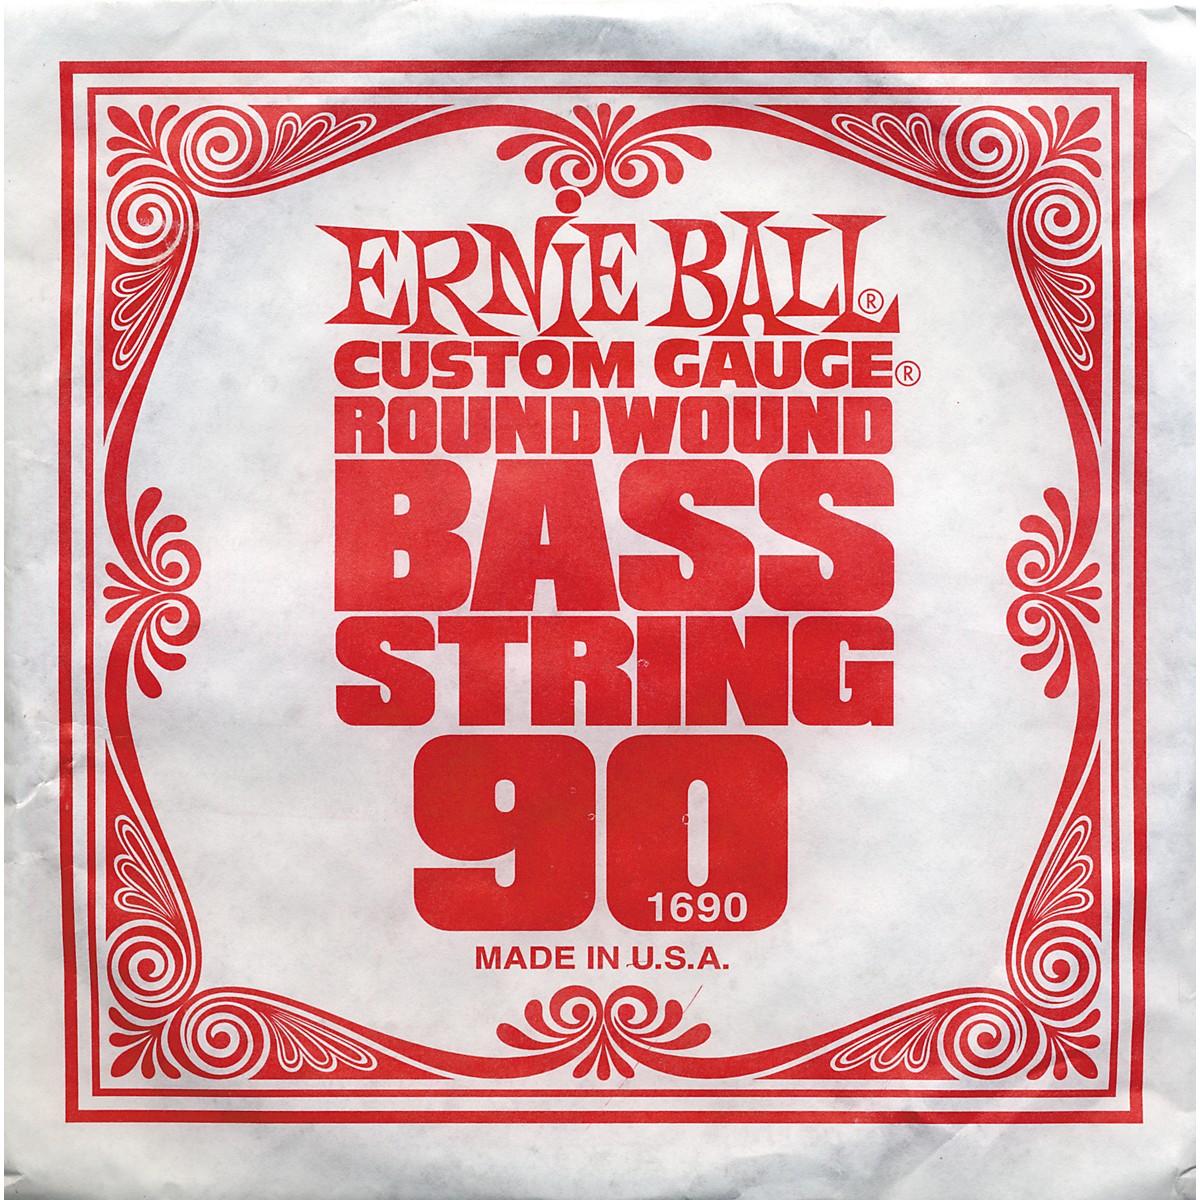 Ernie Ball 1690 Single Bass Guitar String